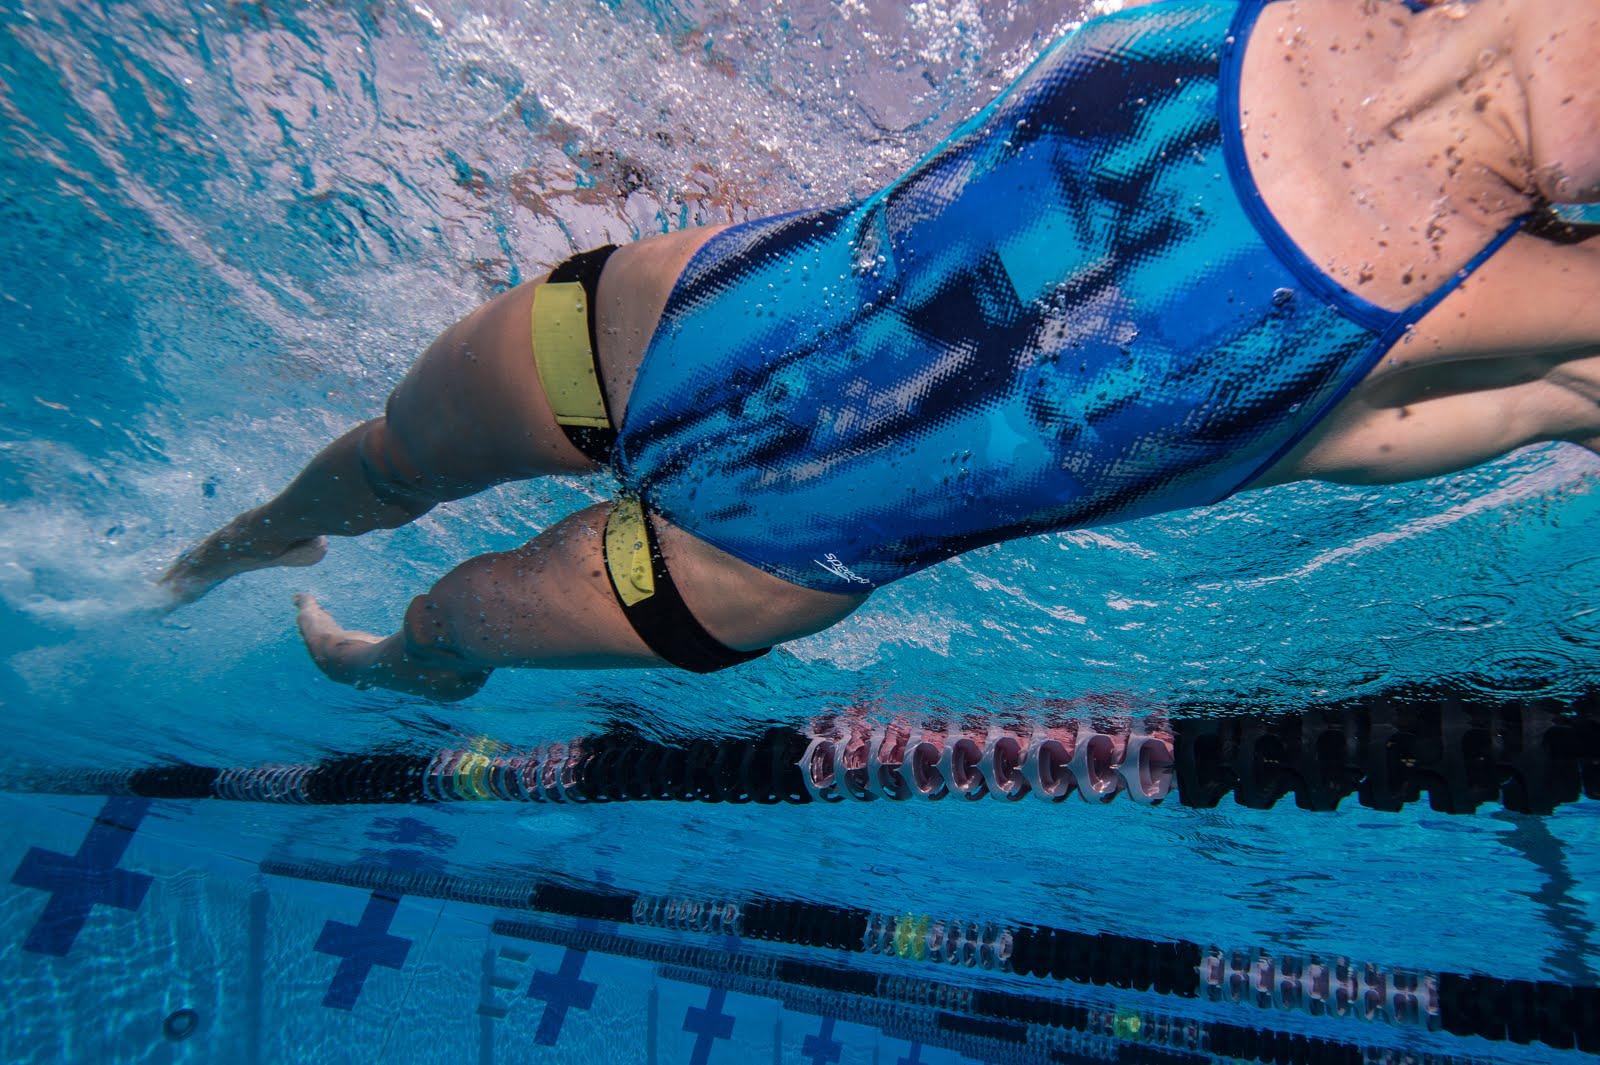 Okklusionsbånd bliver brugt til svømning